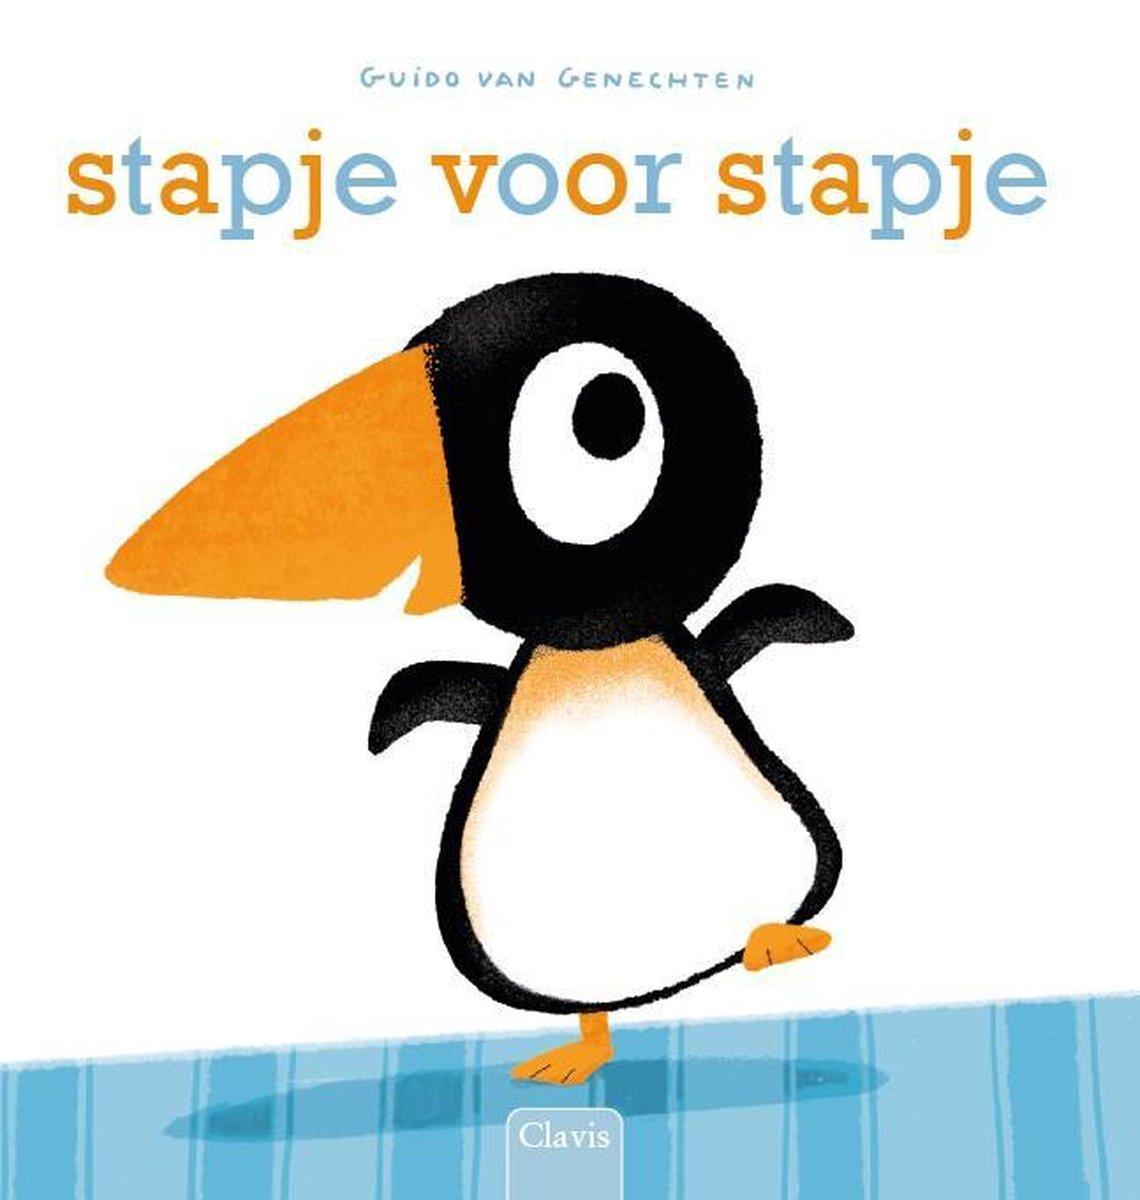 Boekomslag van het kartonboekje 'Stapje voor stapje' van Guido van Genechten.